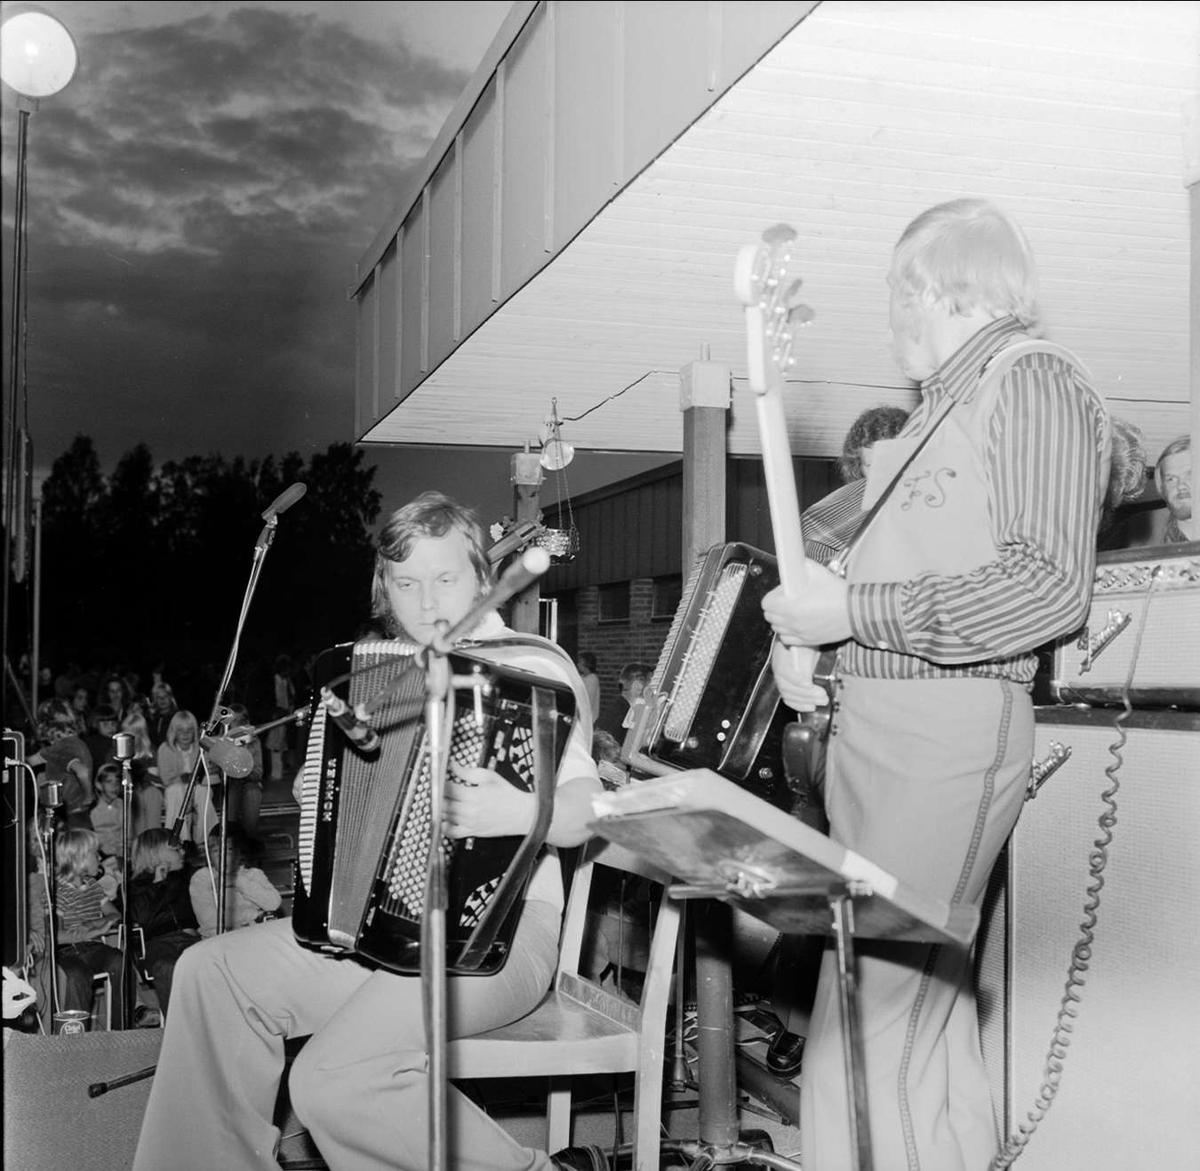 Esplanadkväll i Tierp, Uppland 1973